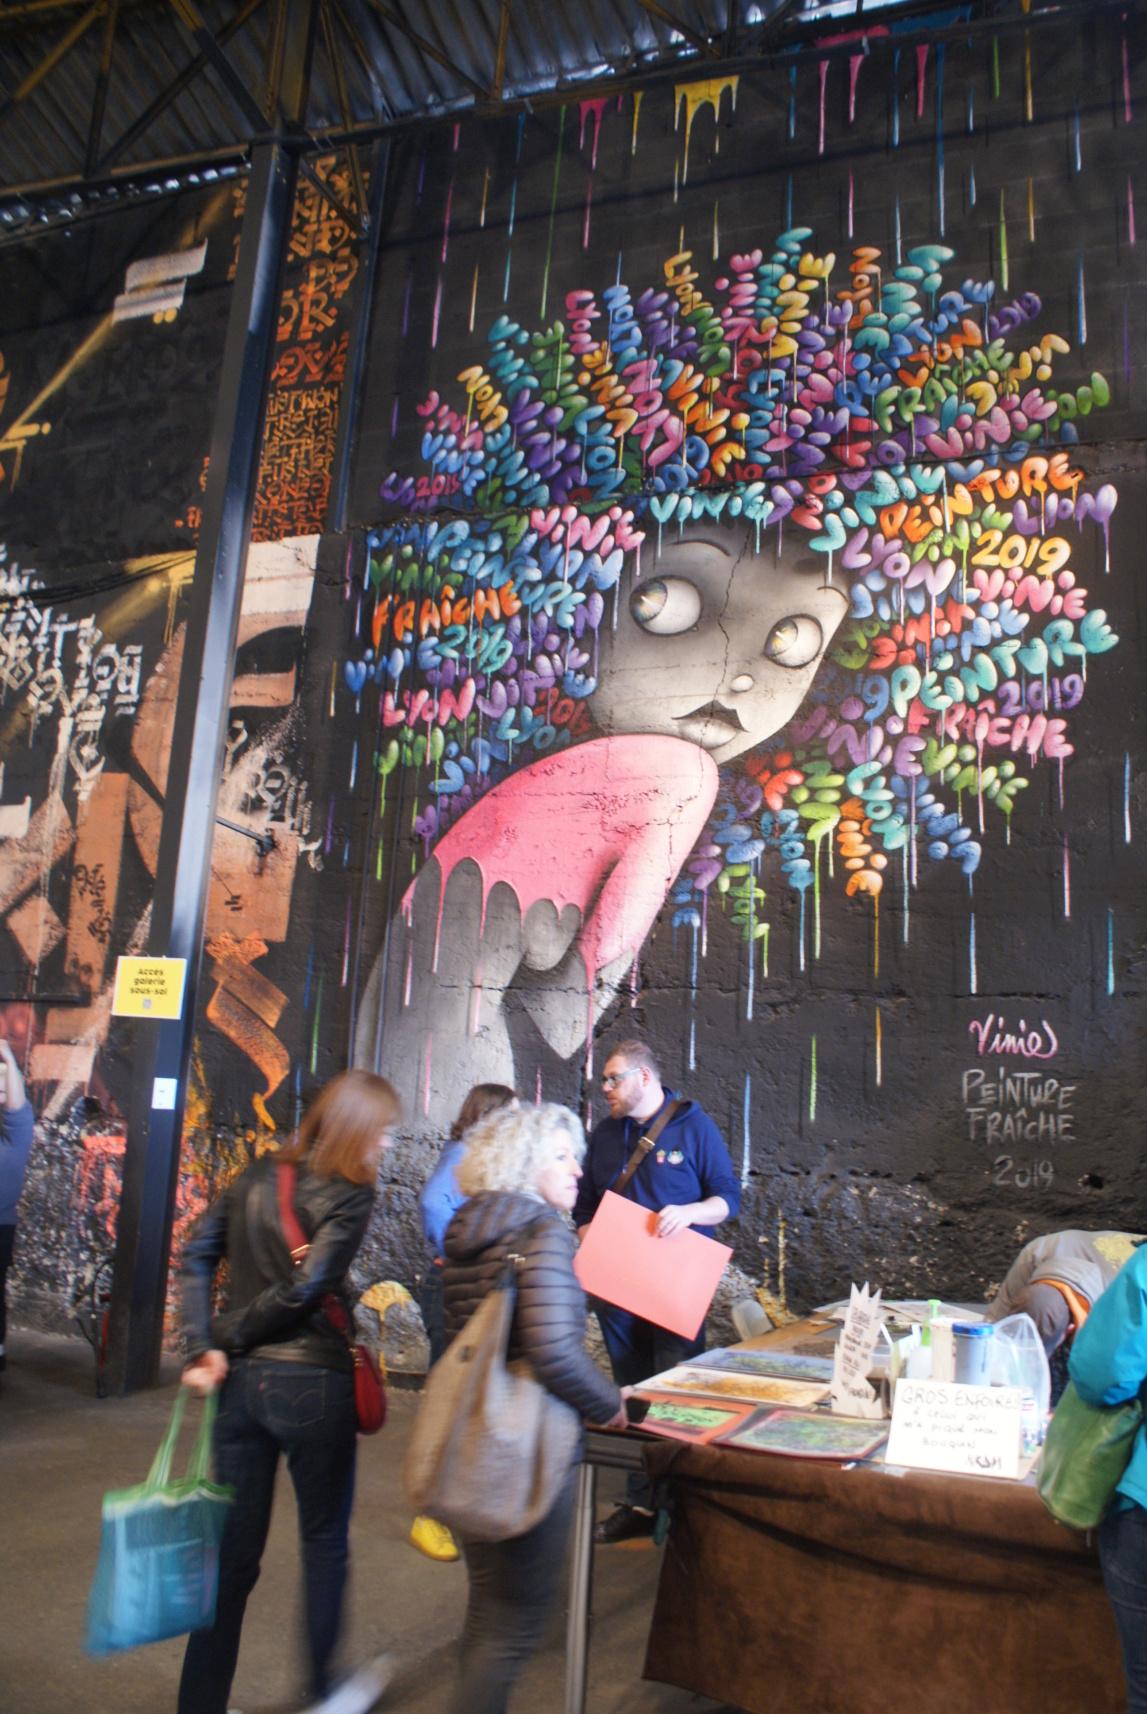 [street art-rue et manifs] Peinture fraîche, à Lyon 2019 et 2020 Dsc05110